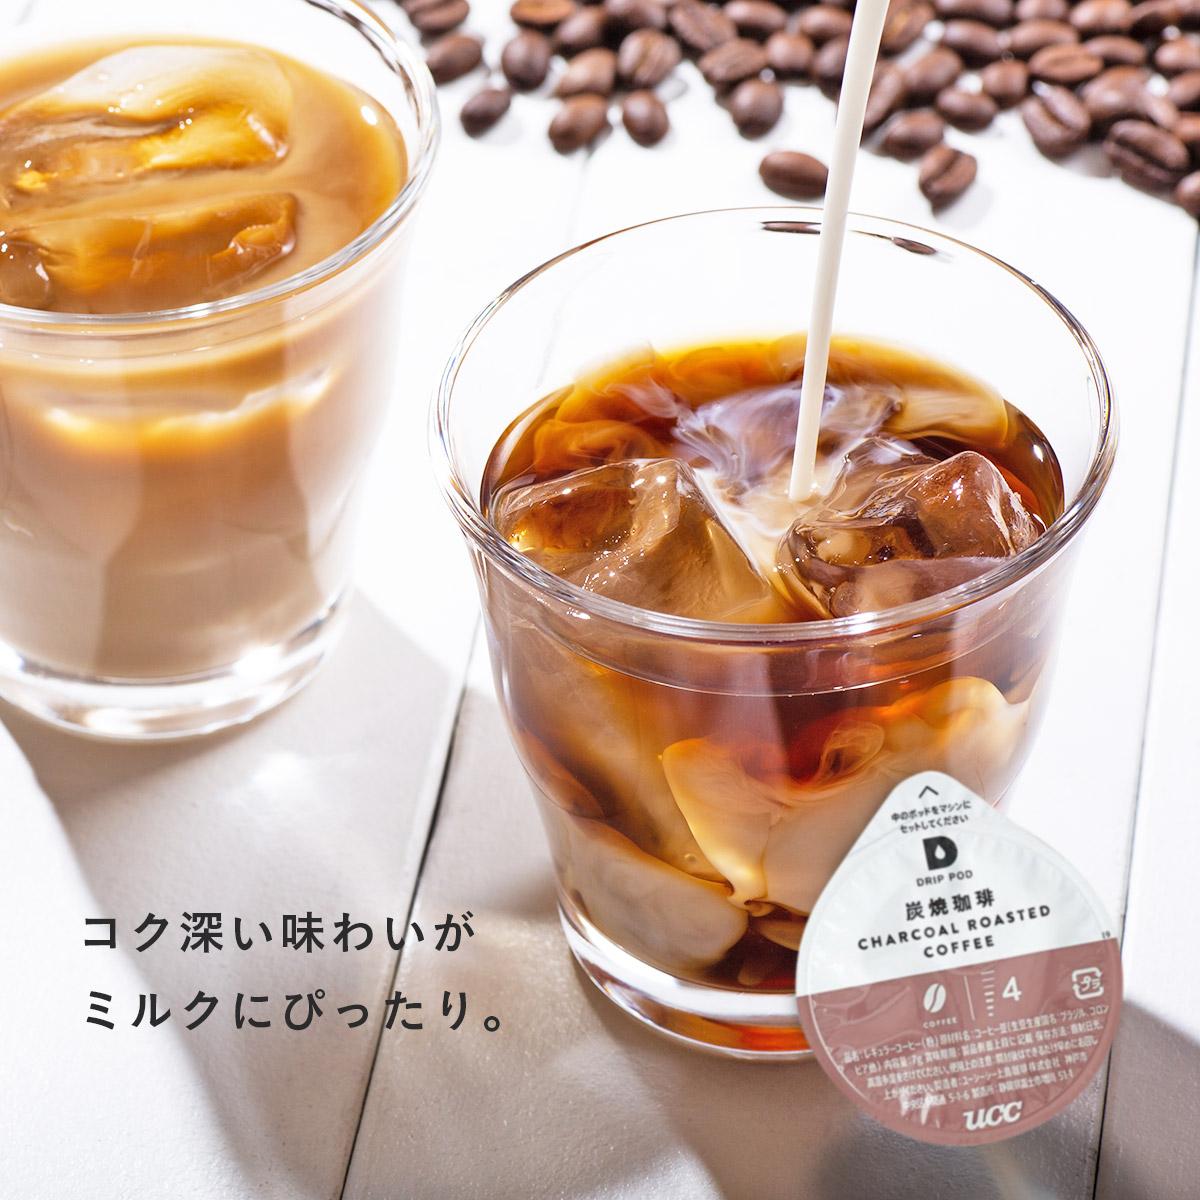 UCC  DRIP POD 炭焼珈琲【12P×12箱(144P入り)】